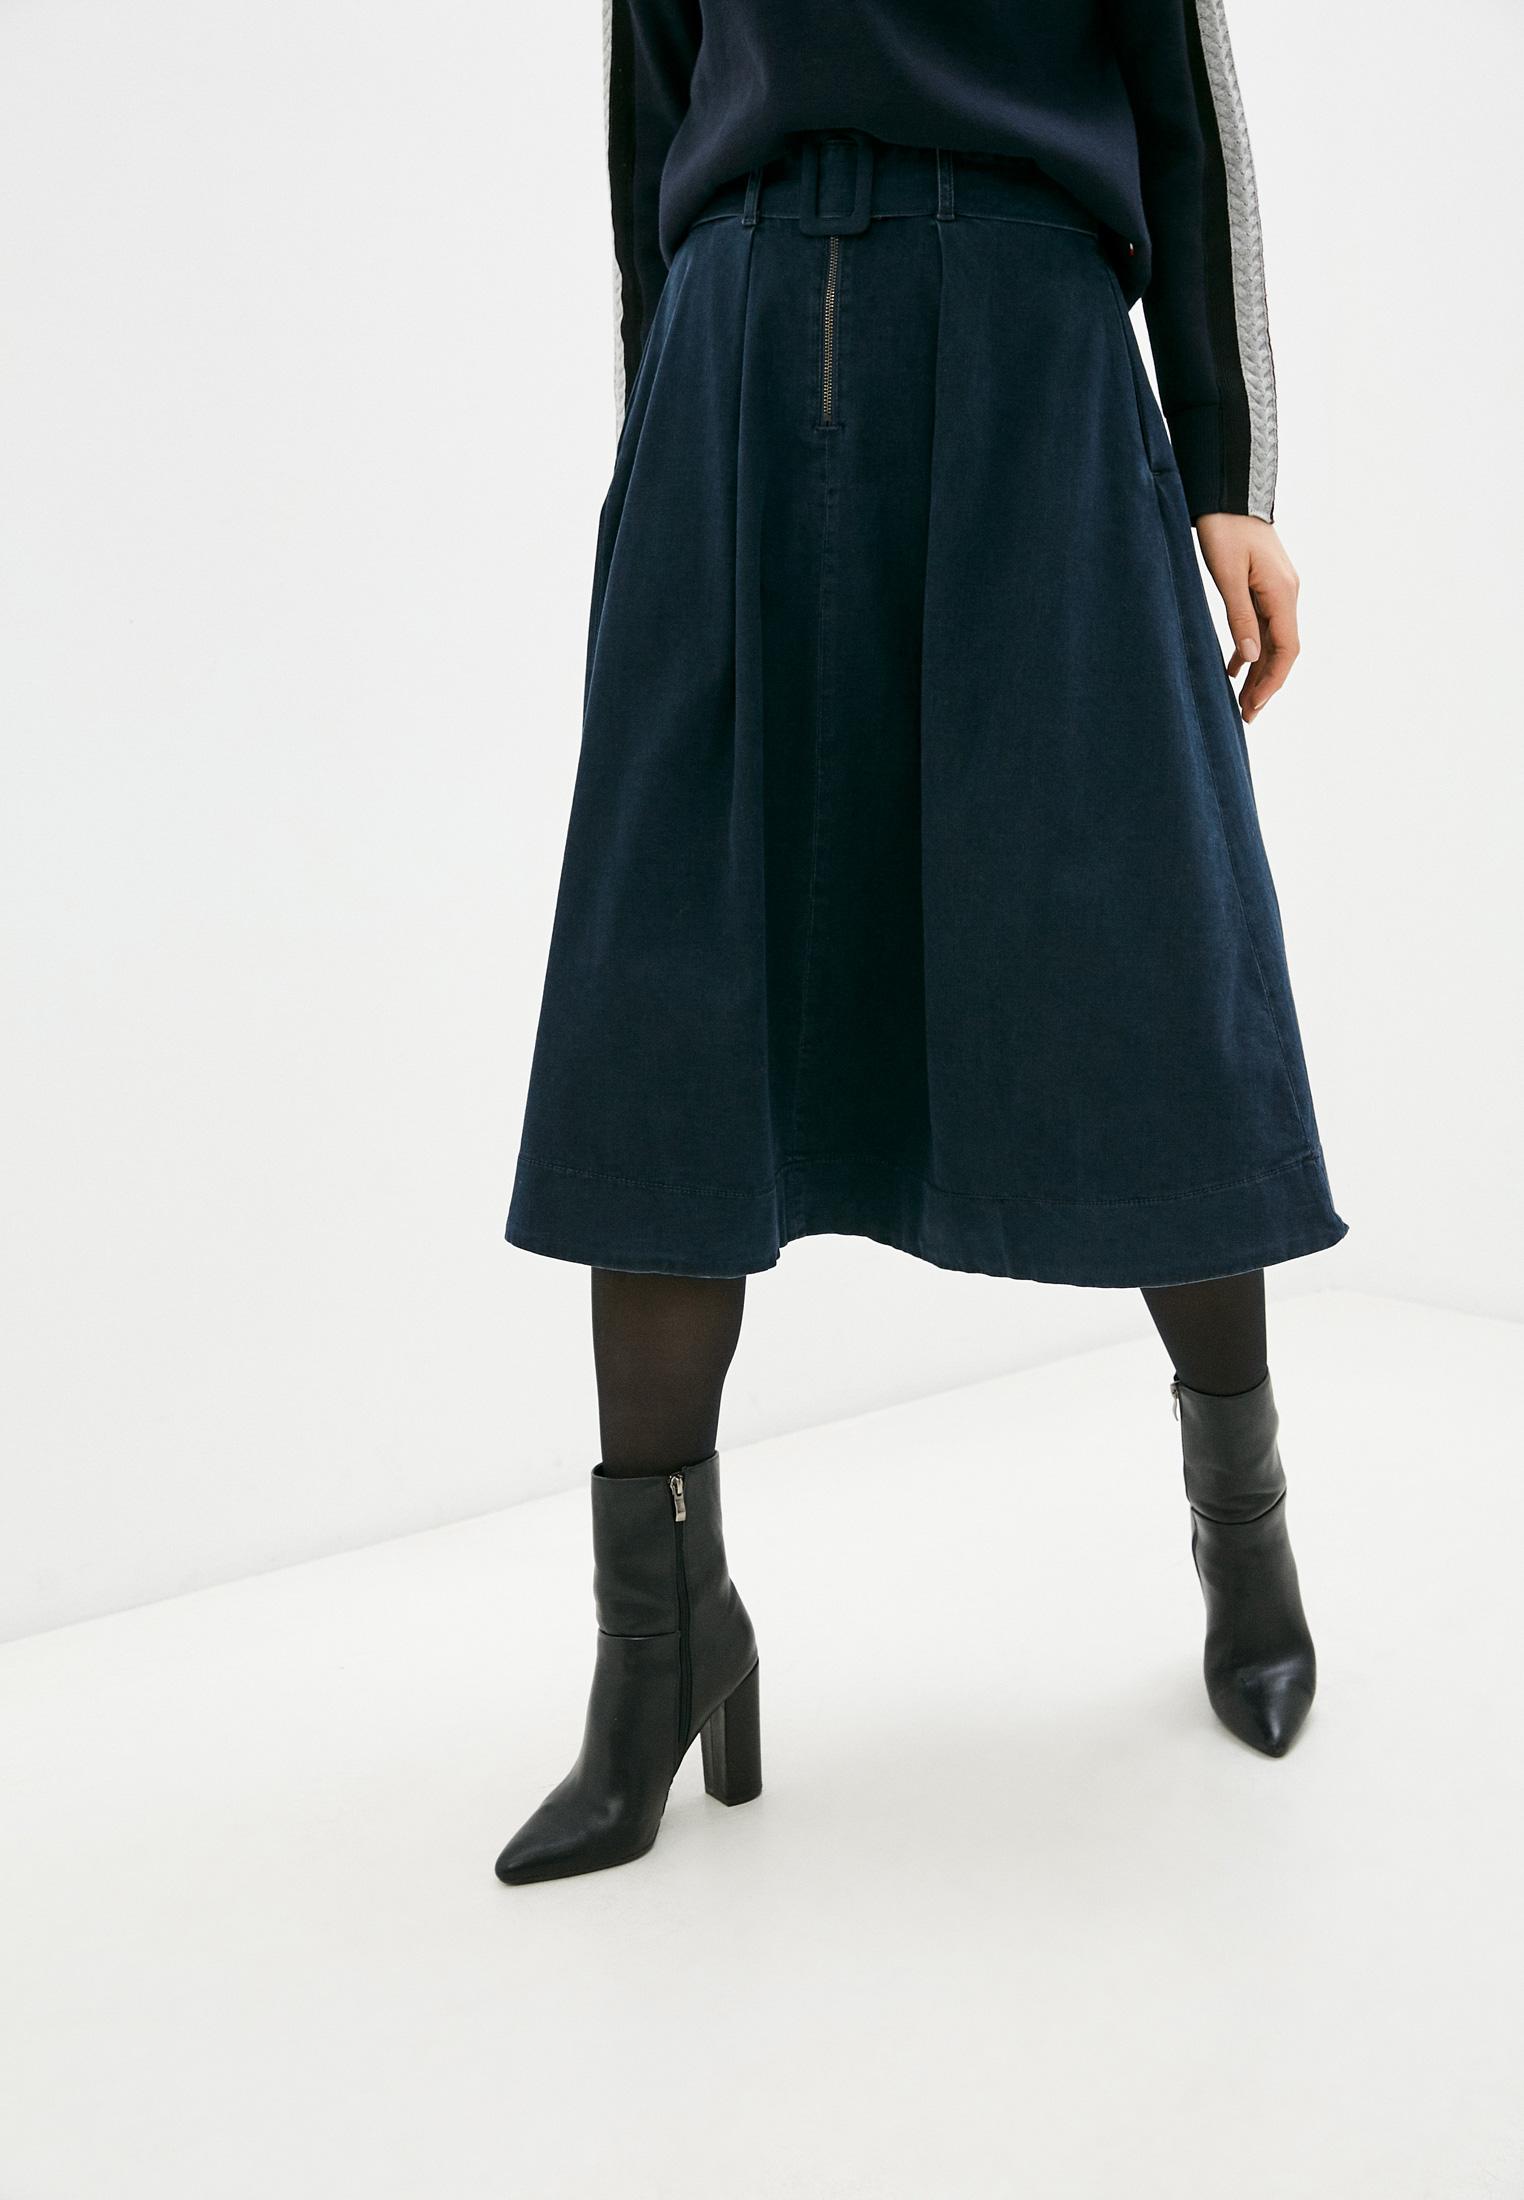 Джинсовая юбка Tommy Hilfiger (Томми Хилфигер) WW0WW29329: изображение 1